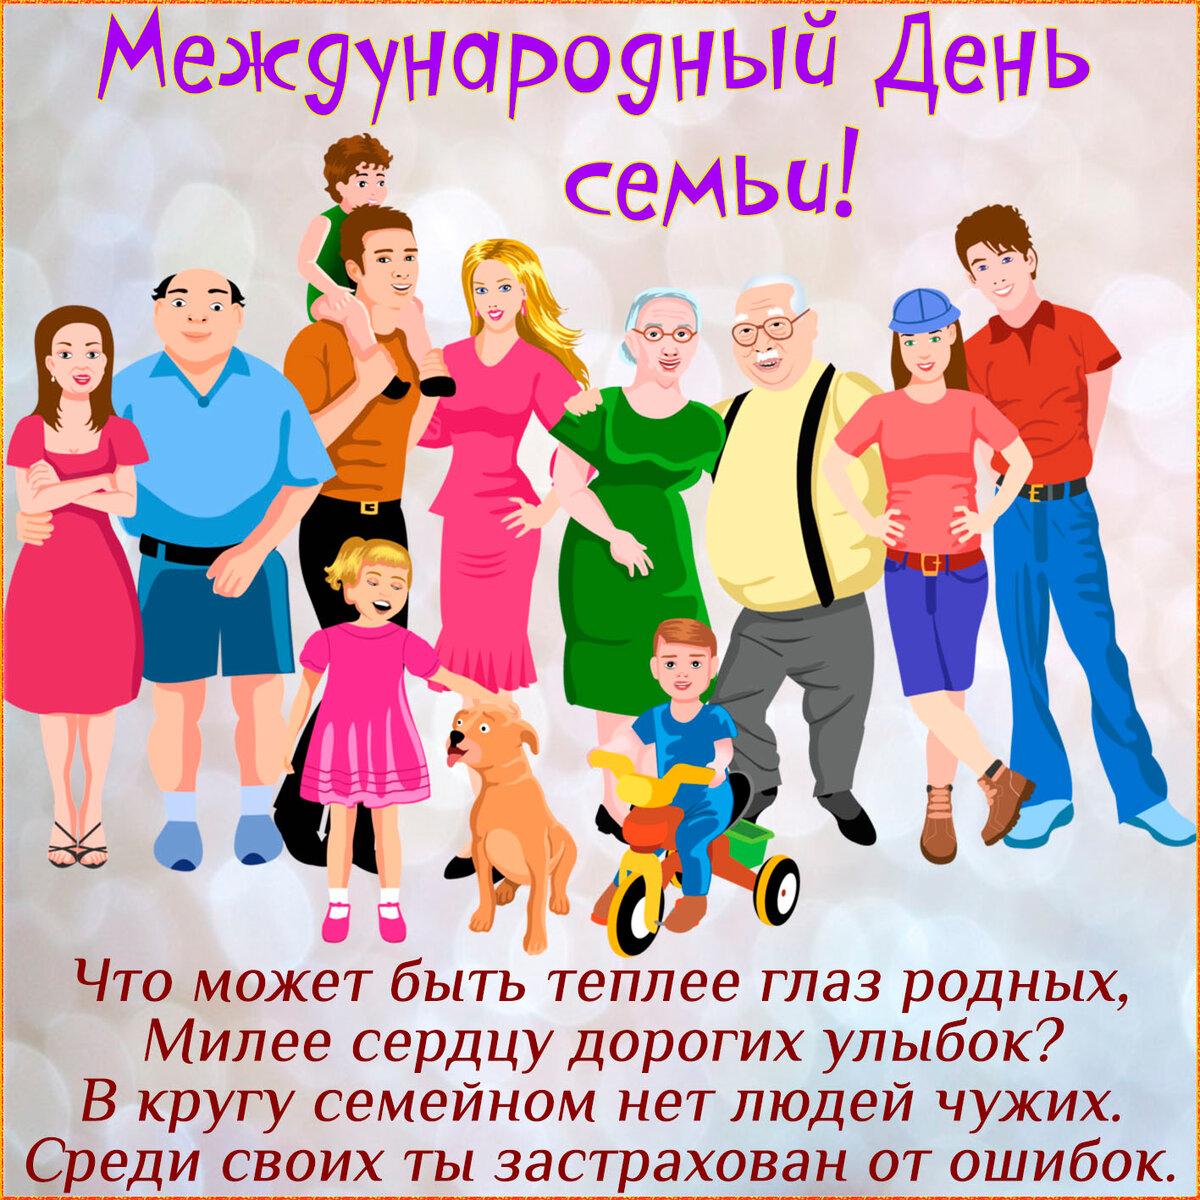 международный день семьи гог увлекался